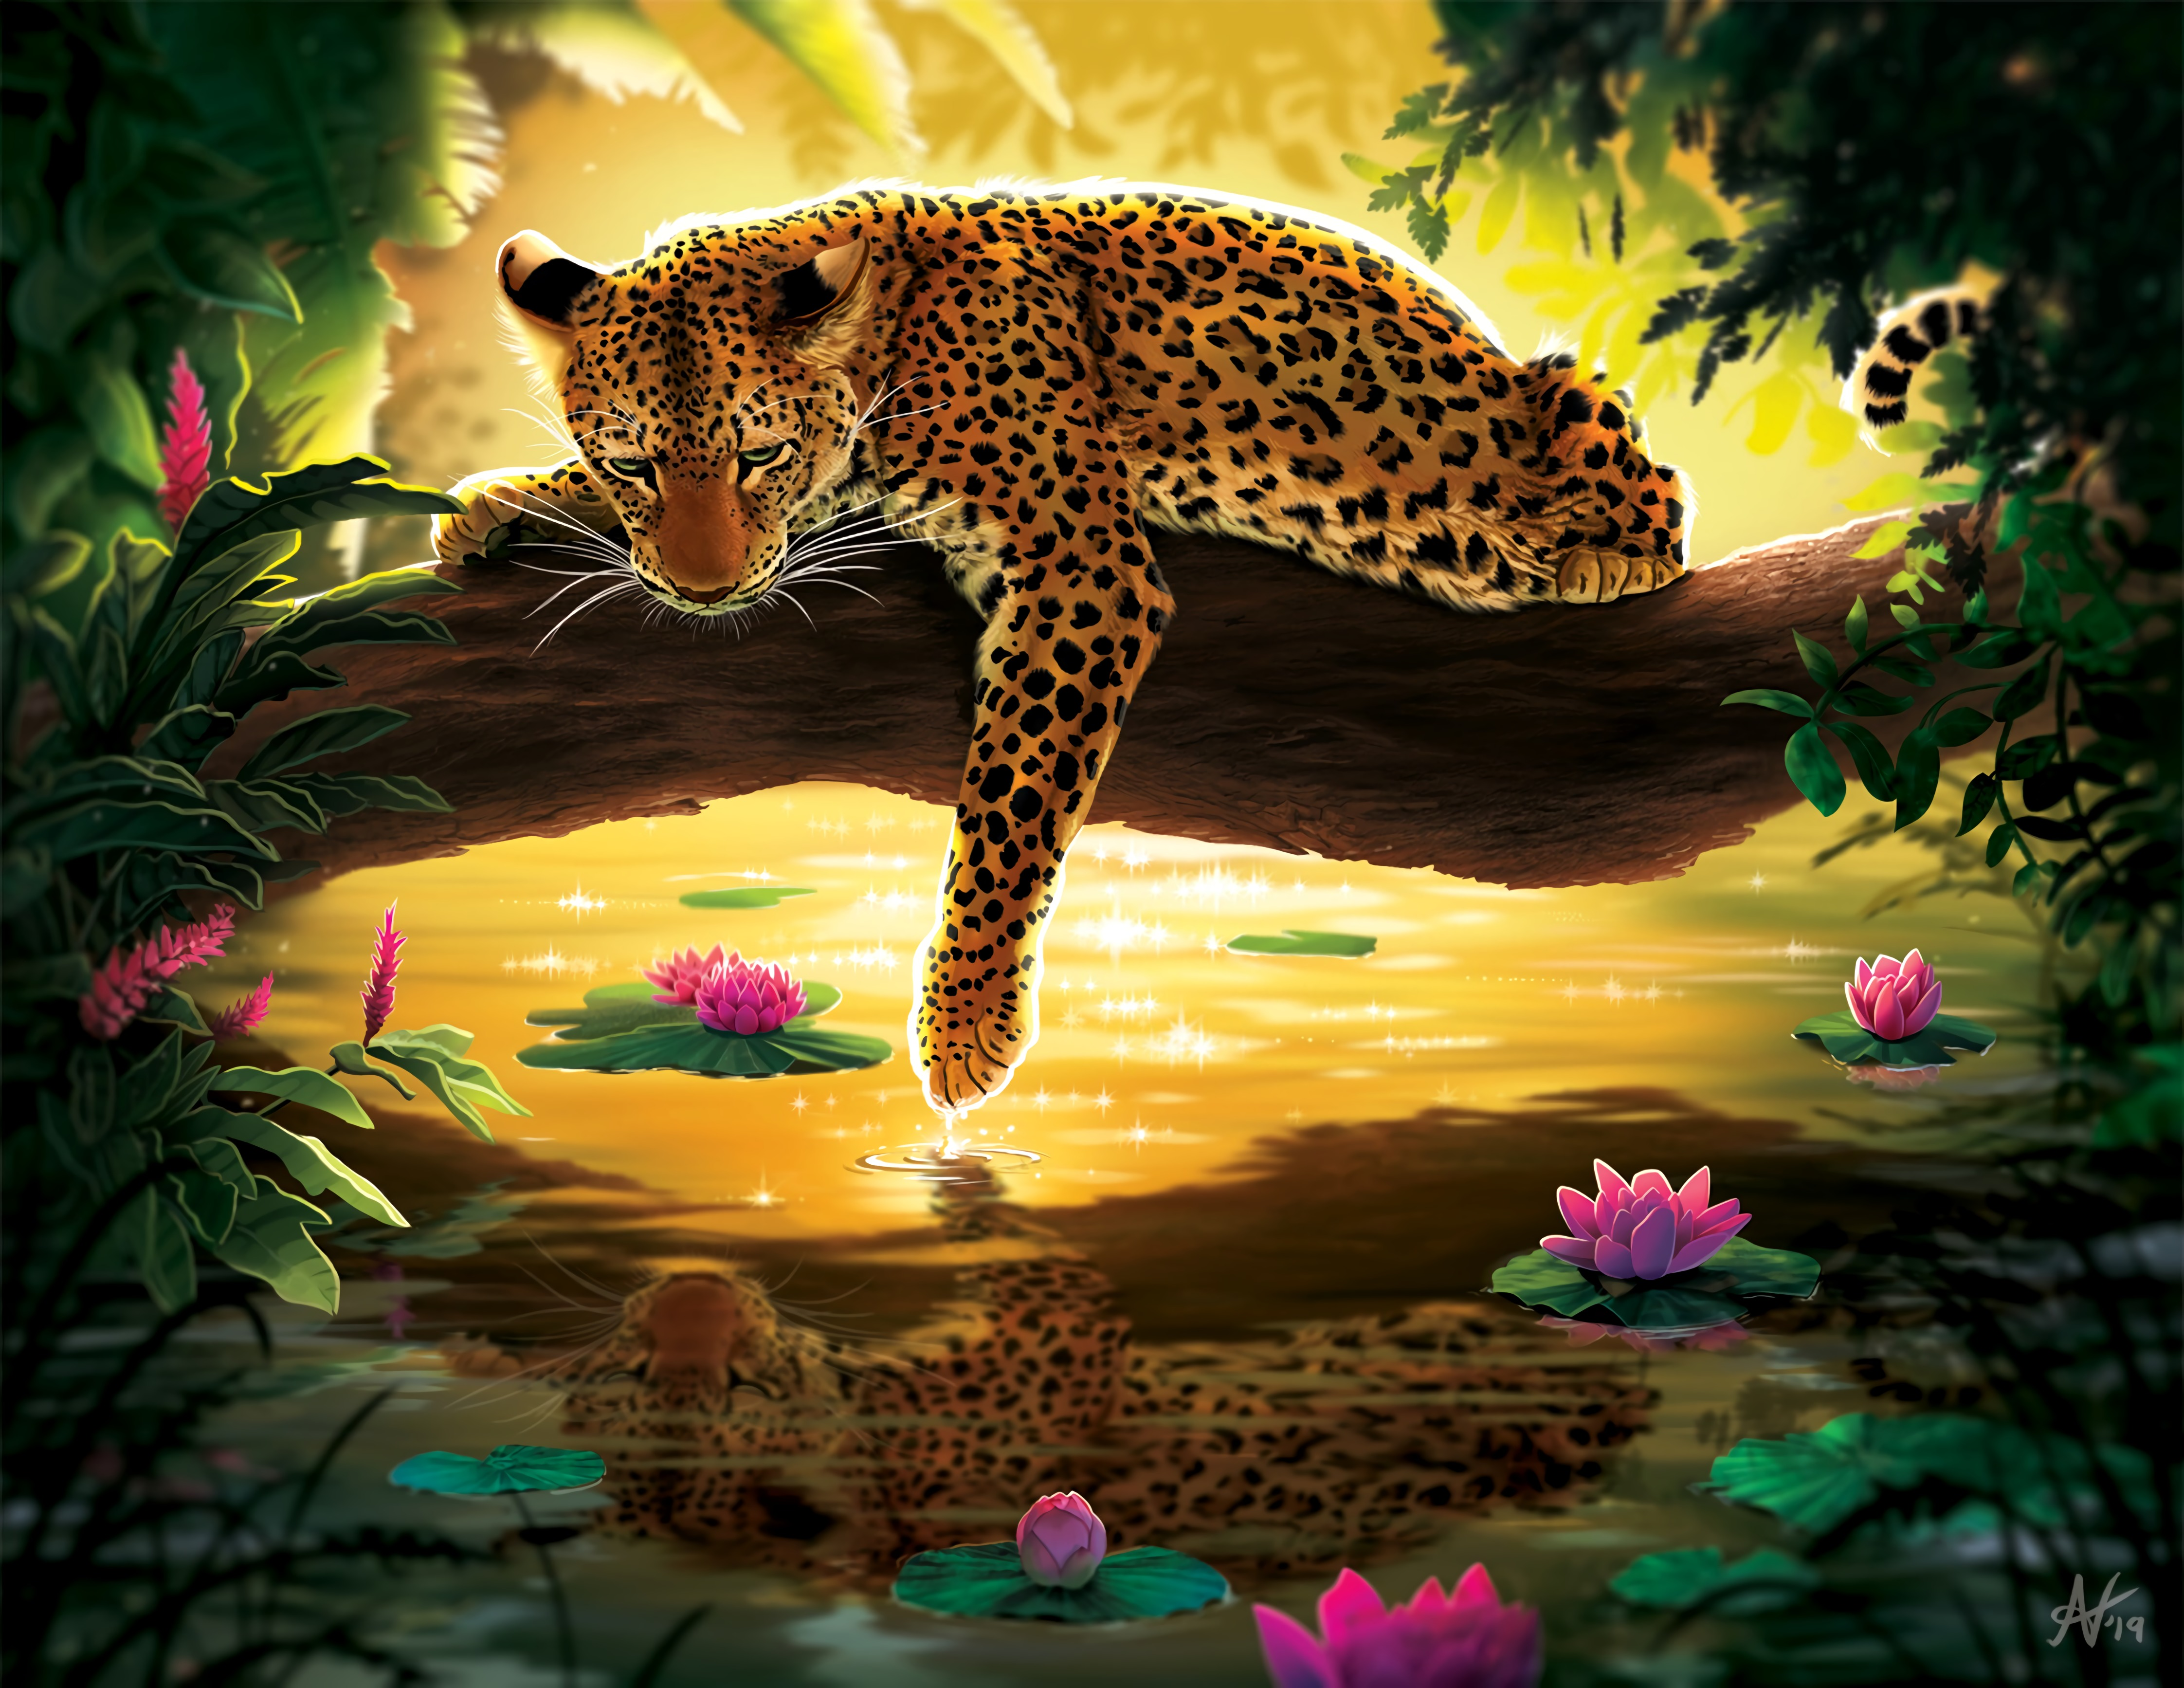 90137 papel de parede 1080x2400 em seu telefone gratuitamente, baixe imagens Água, Arte, Leopardo, Nenúfares, Madeira, Árvore 1080x2400 em seu celular